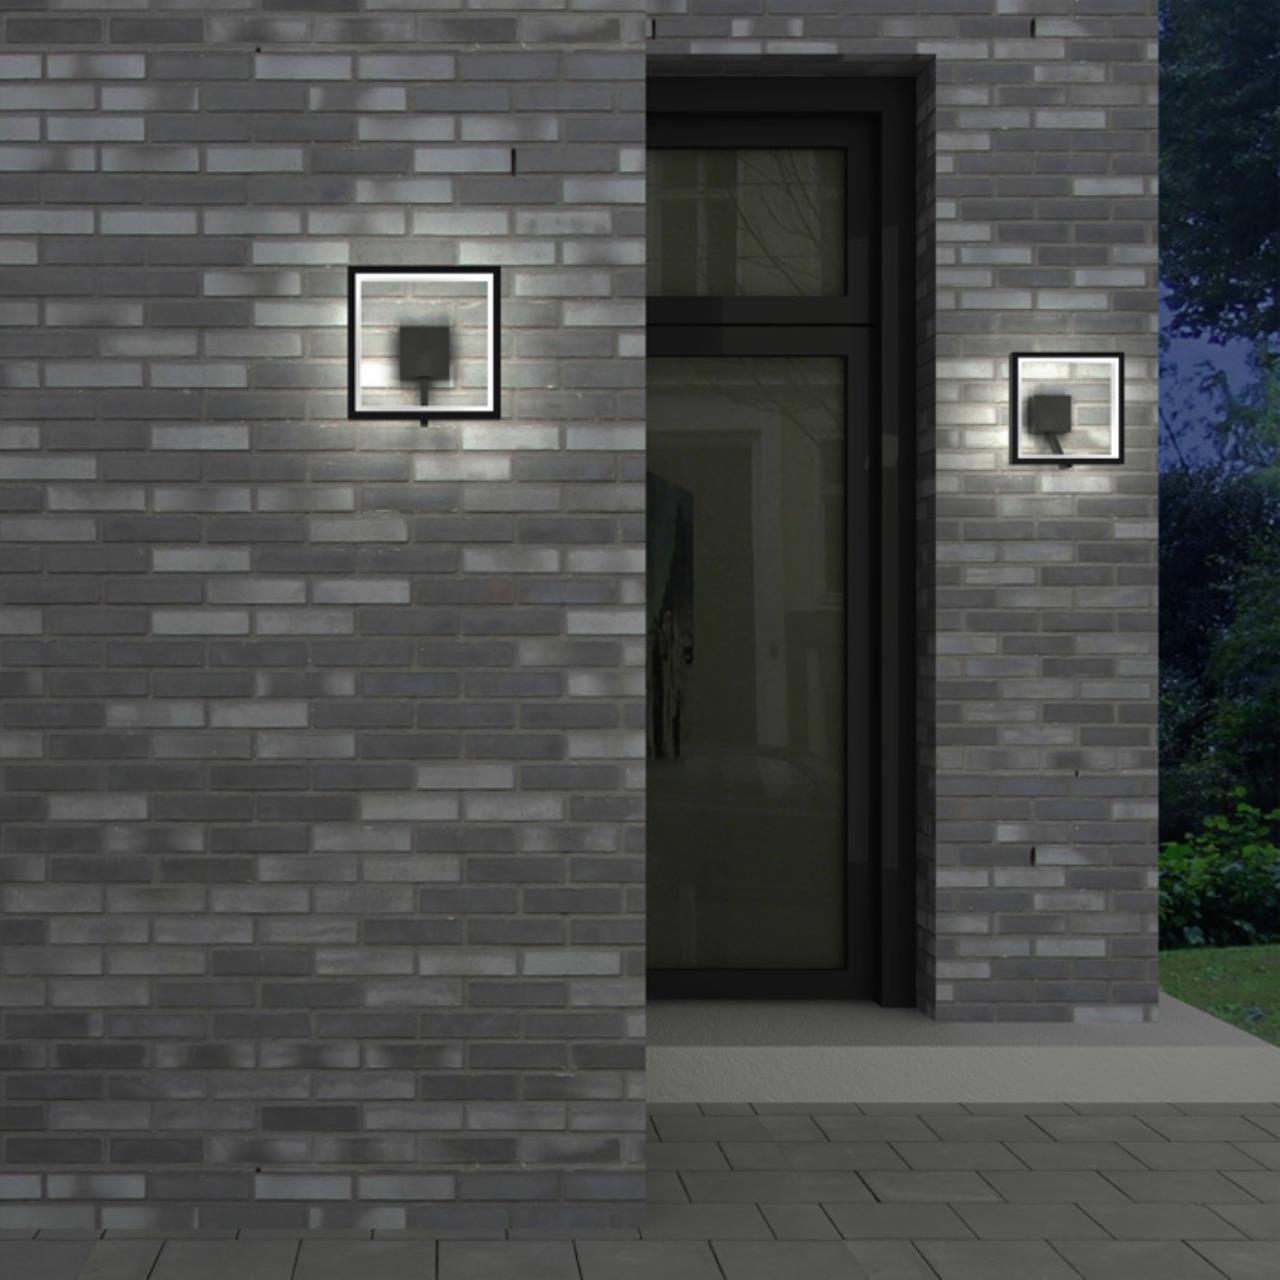 Настенный светодиодный светильник Novotech Street Roca 357445, IP65, LED 10W 3000K 600lm, темно-серый, металл, пластик - фото 4